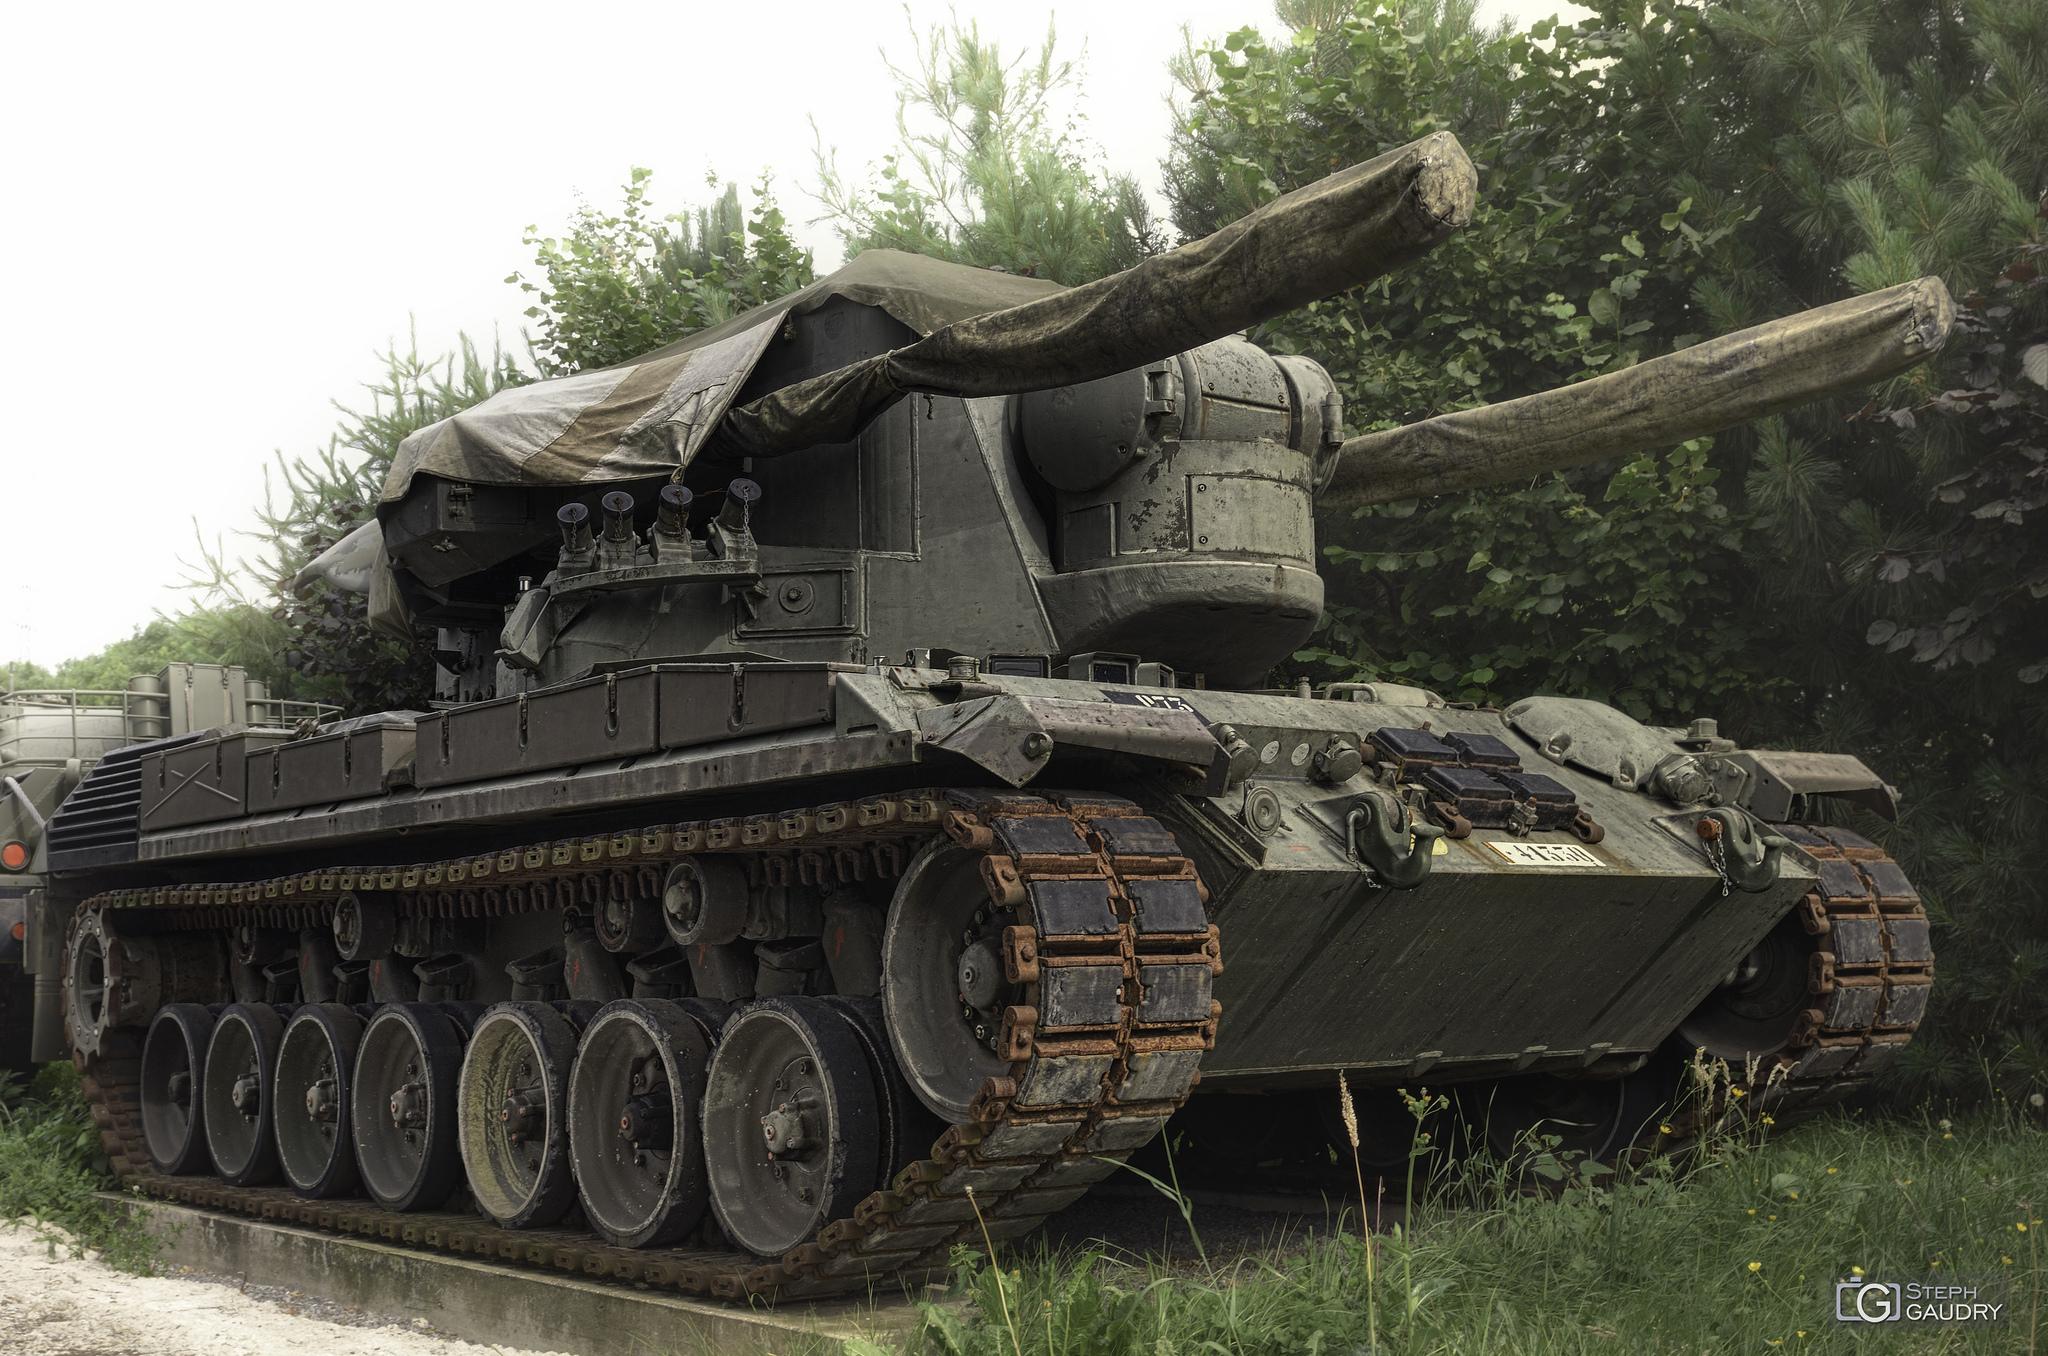 Flakpanzer Gepard [Klik om de diavoorstelling te starten]